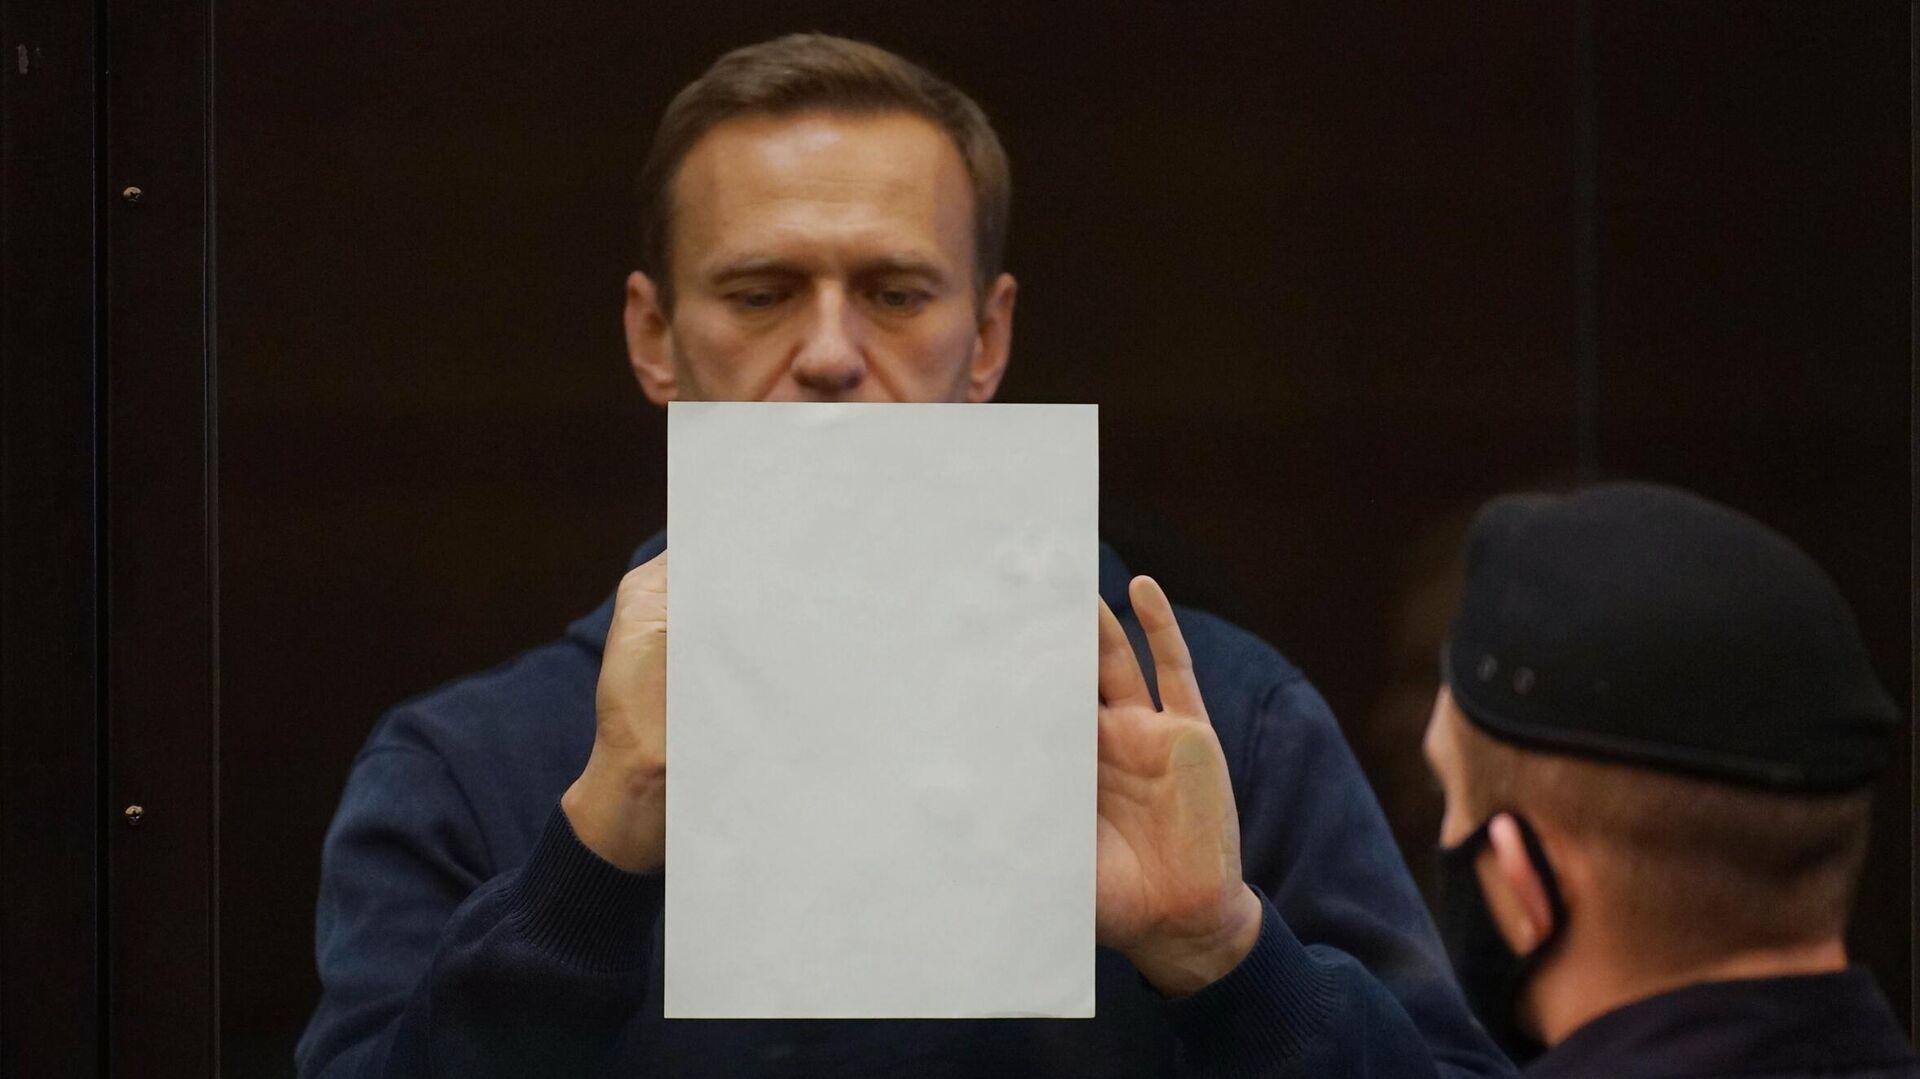 Алексей Навальный на заседании Московского городского суда - РИА Новости, 1920, 02.02.2021